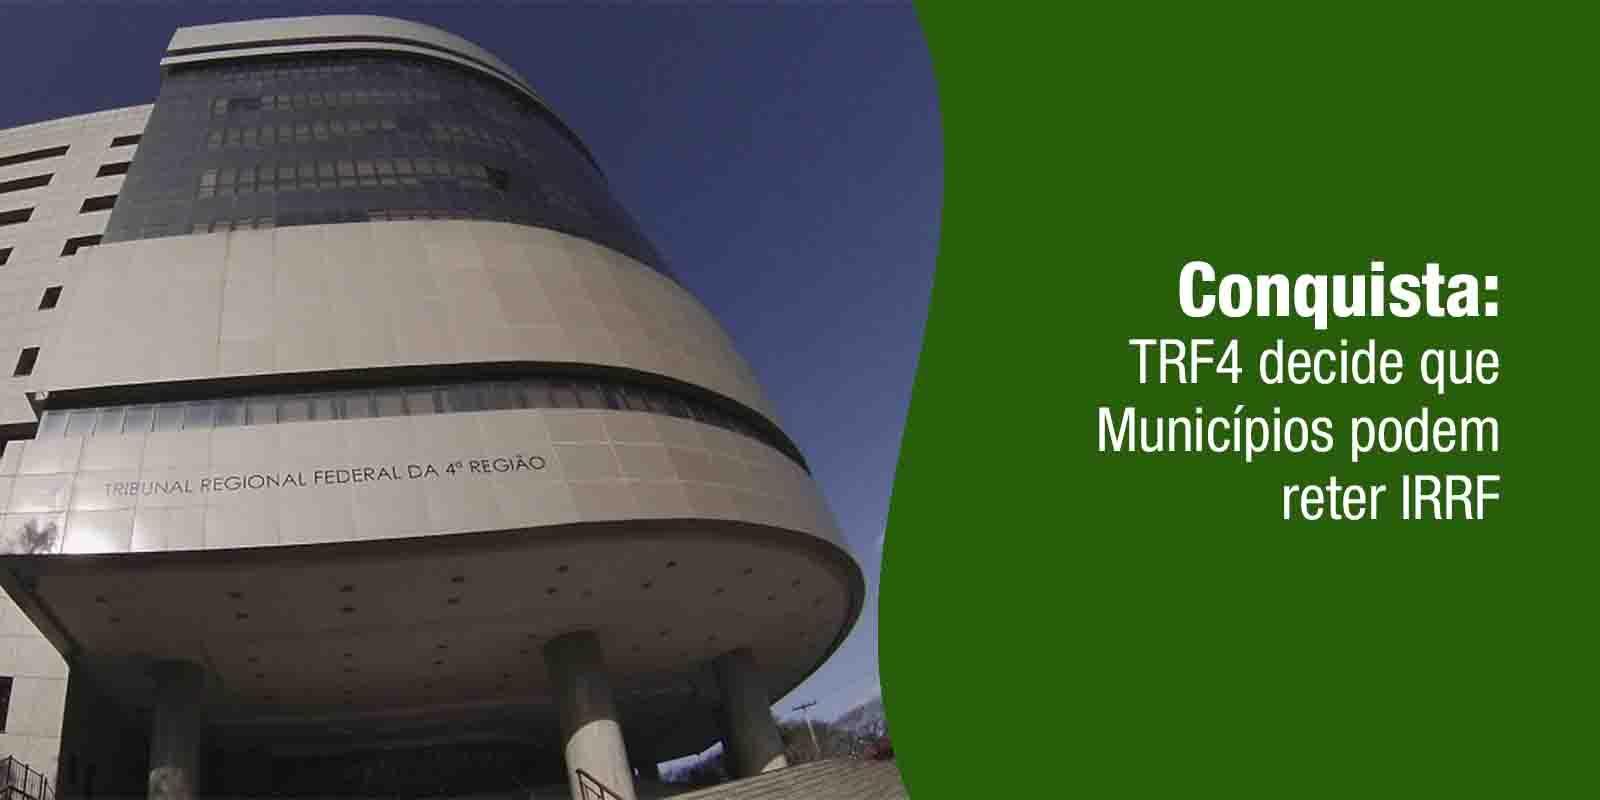 Conquista: TRF4 decide que Municípios podem reter IRRF